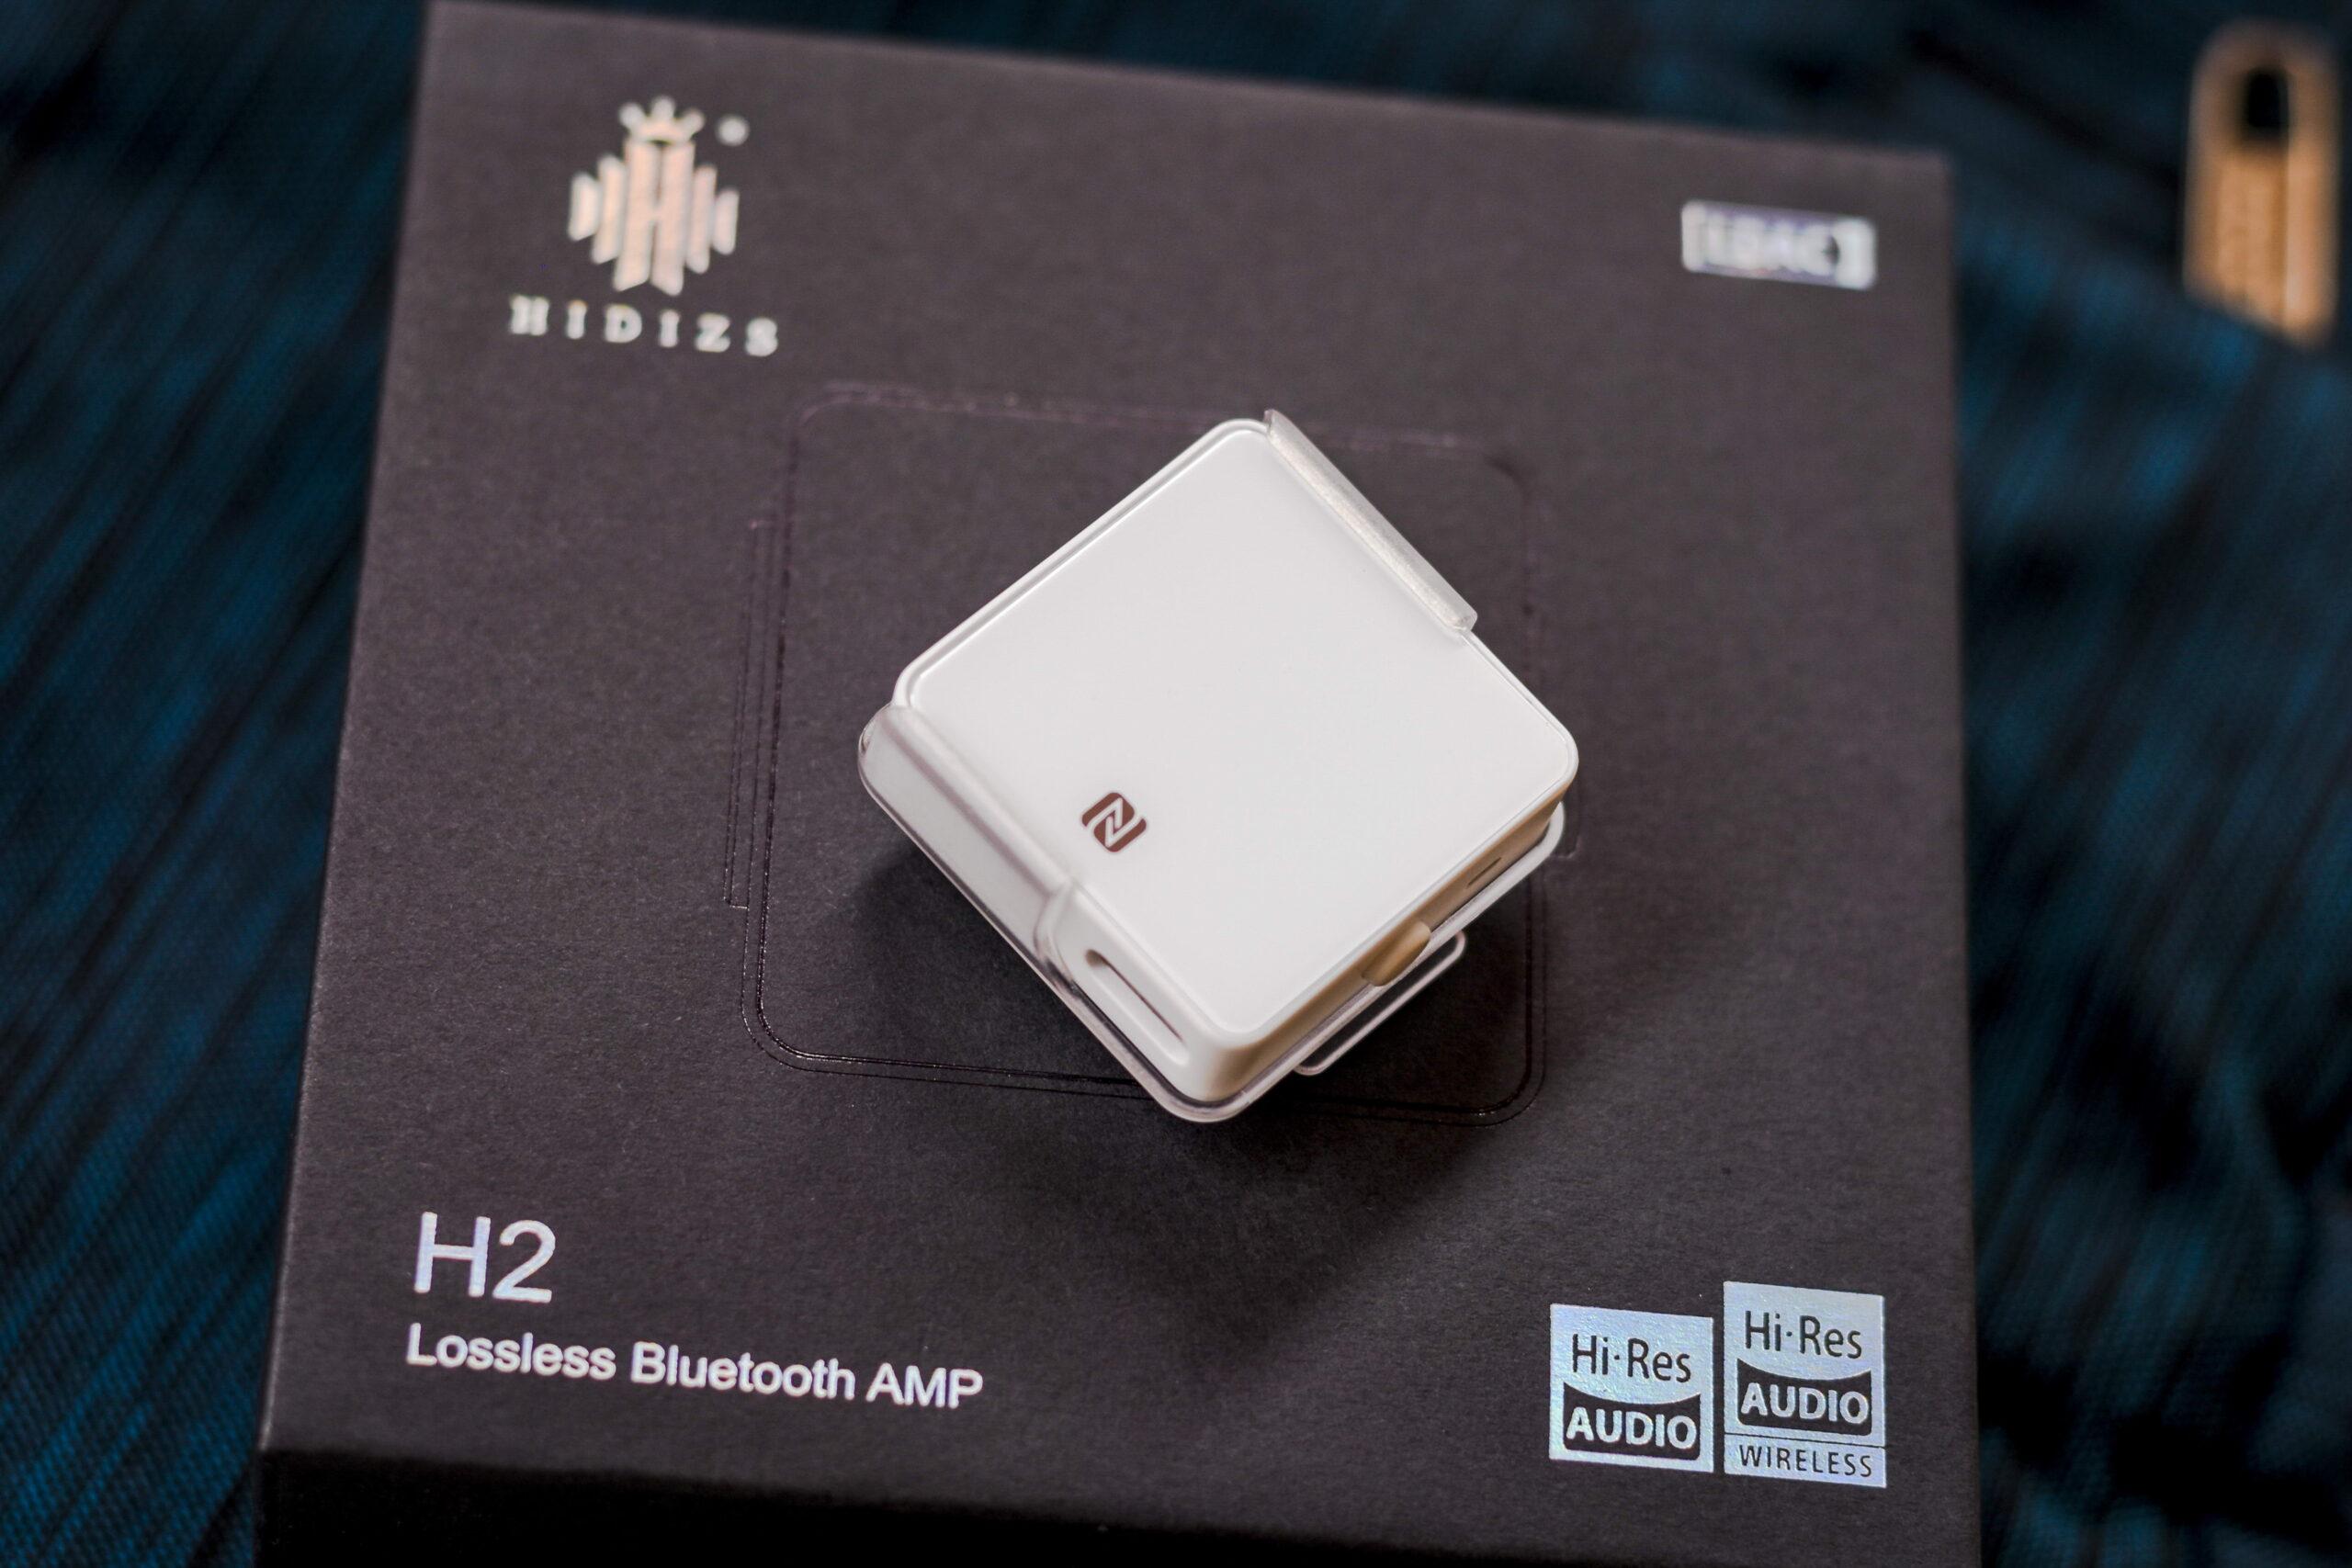 Hidizs H2